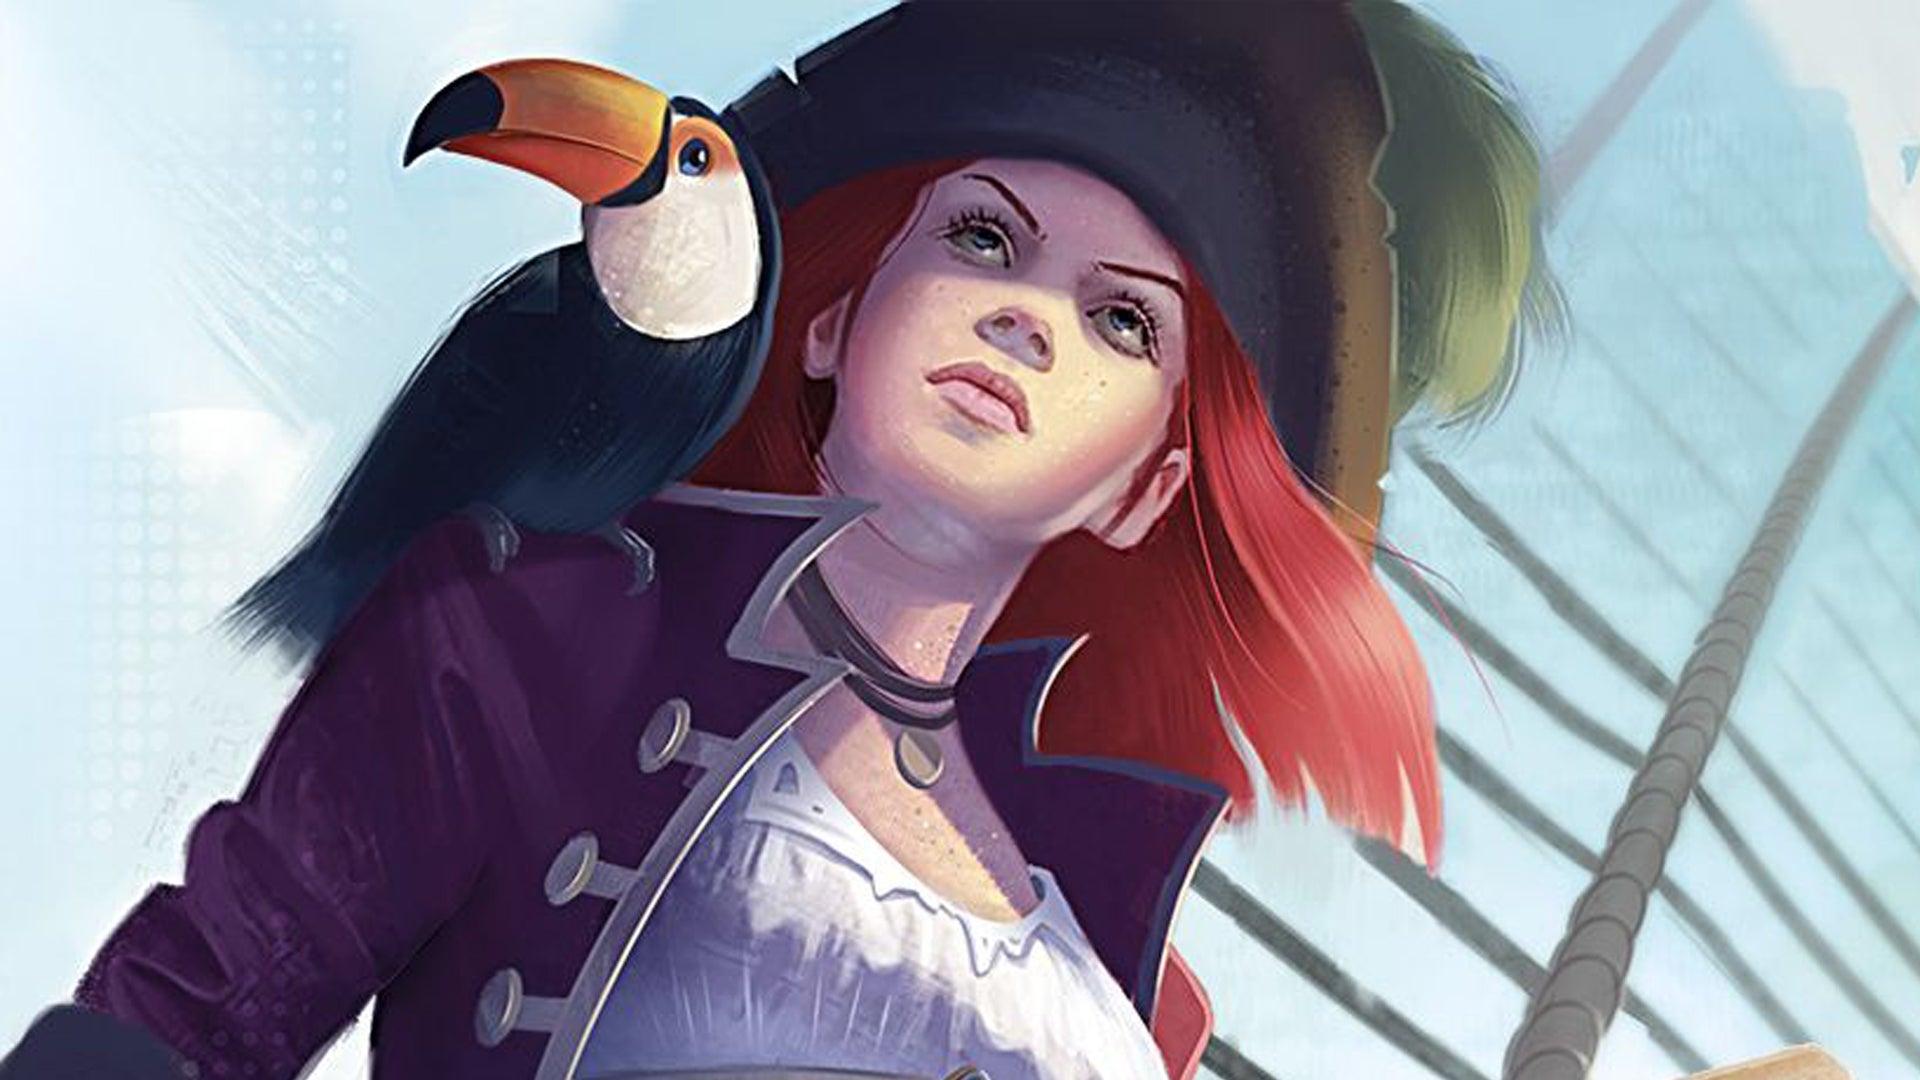 Image for Tiny Epic Pirates sails the small seas onto Kickstarter next week